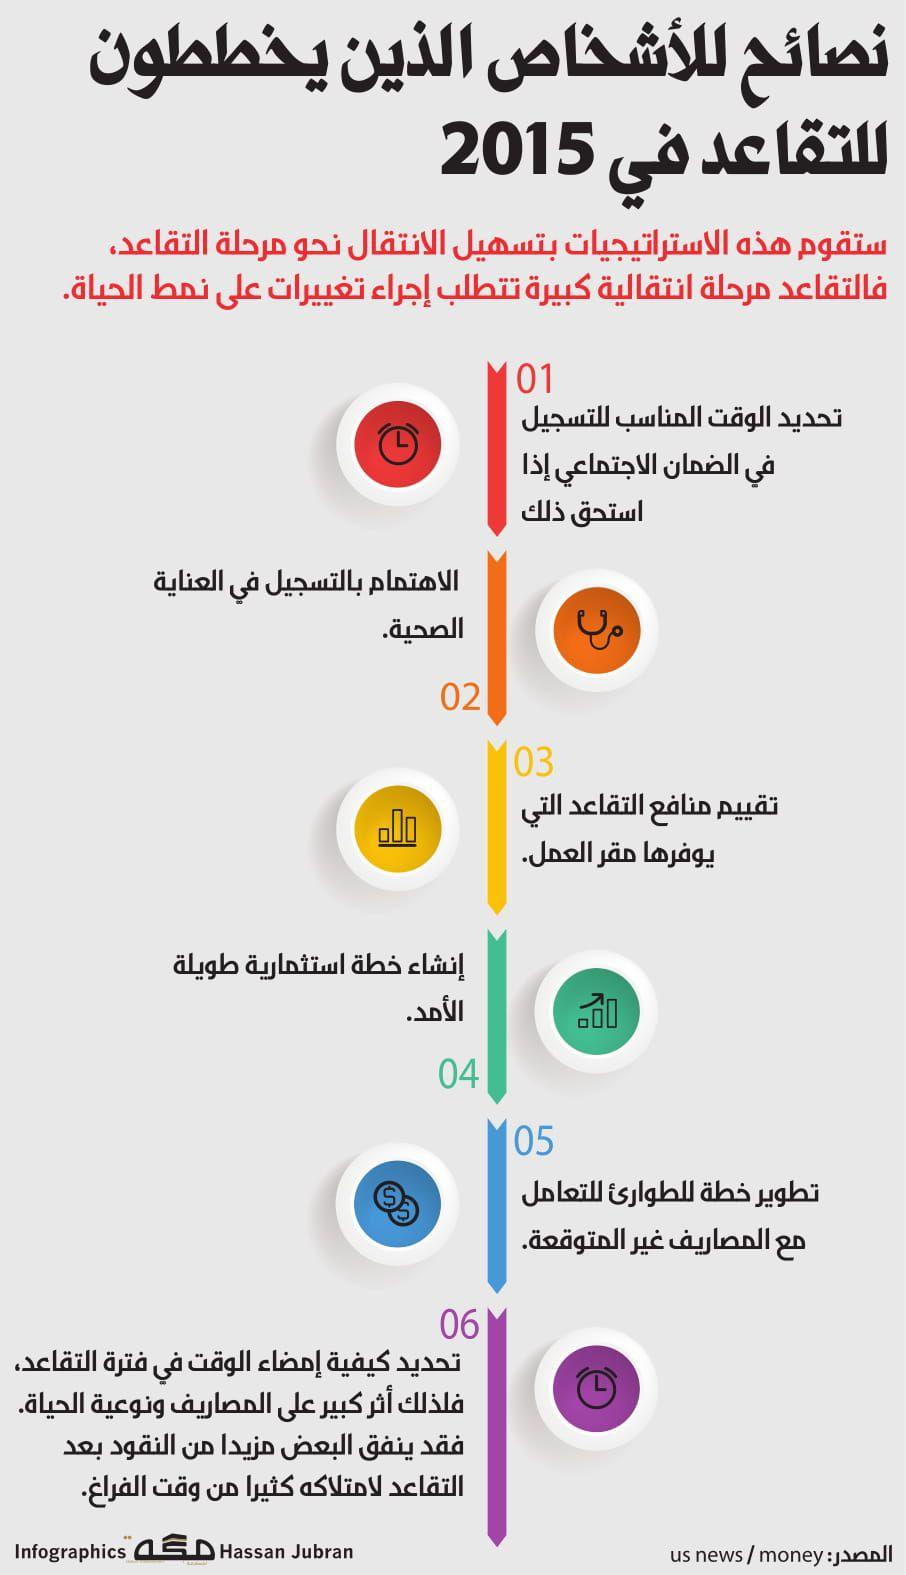 نصائح للأشخاص الذين يخططون للتقاعد في 2015 صحيفة مكة انفوجرافيك توظيف Infographic Makkah Map